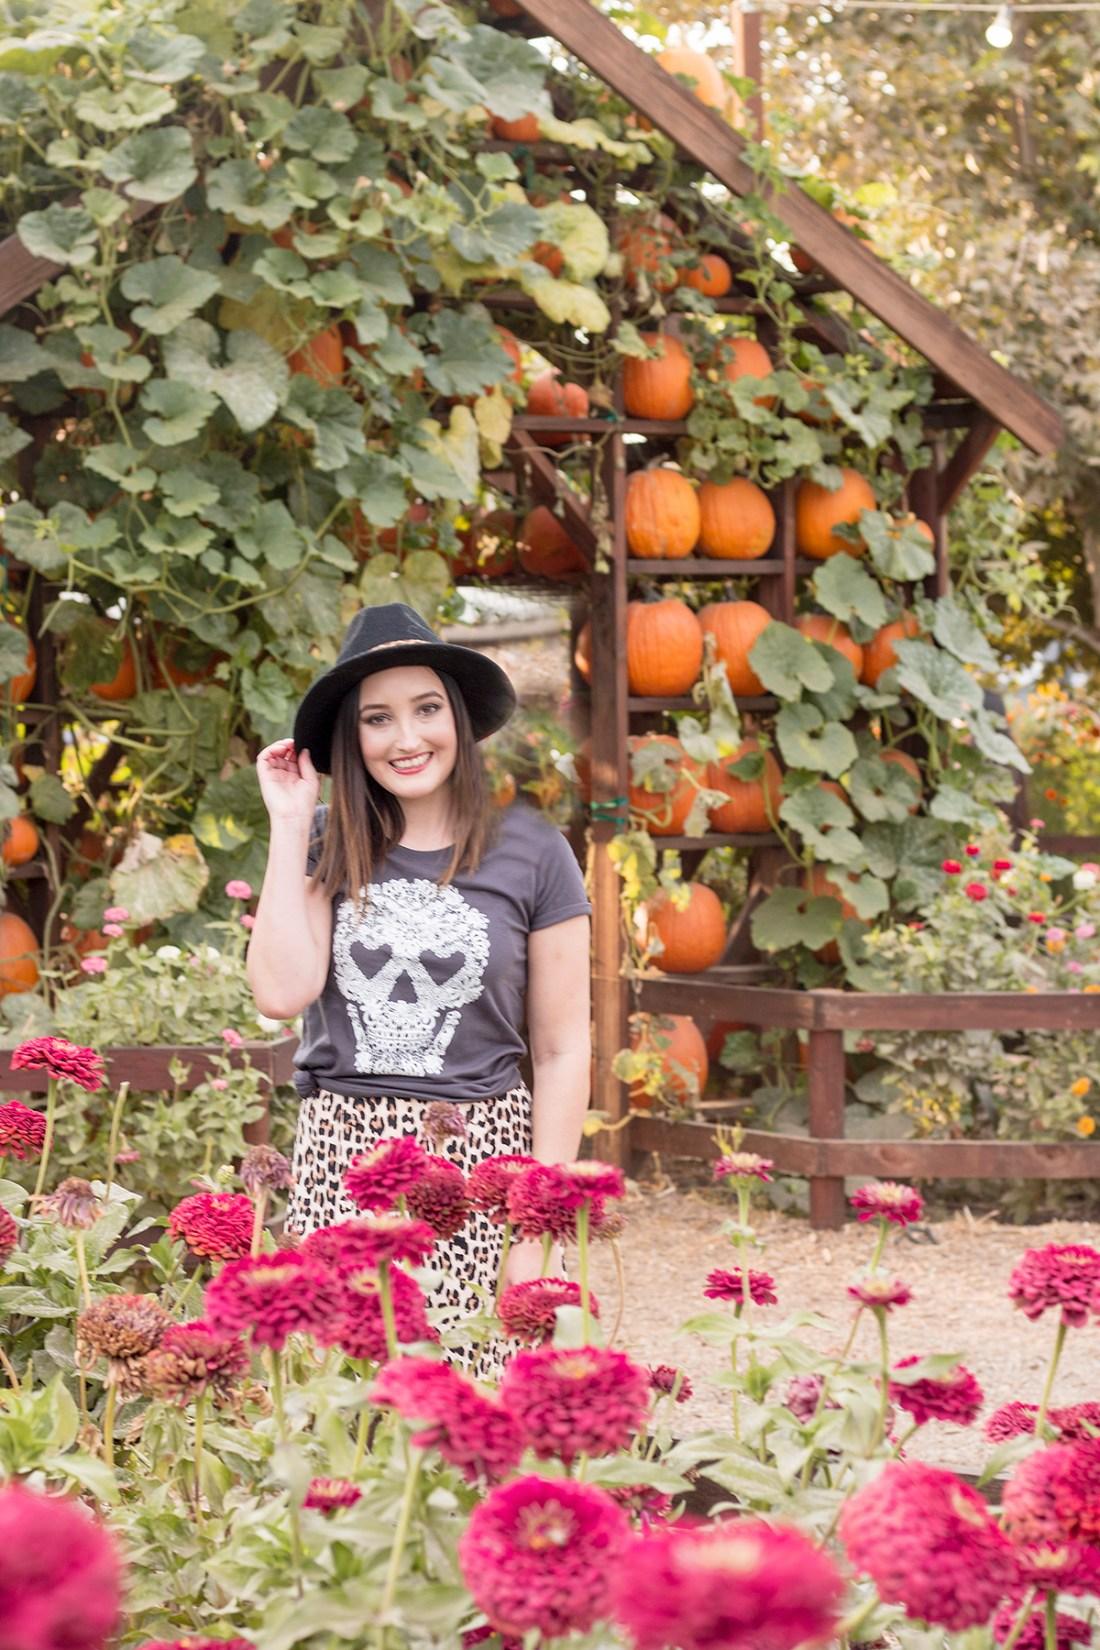 Pumpkin Patch Outfit Ideas | A Good Hue